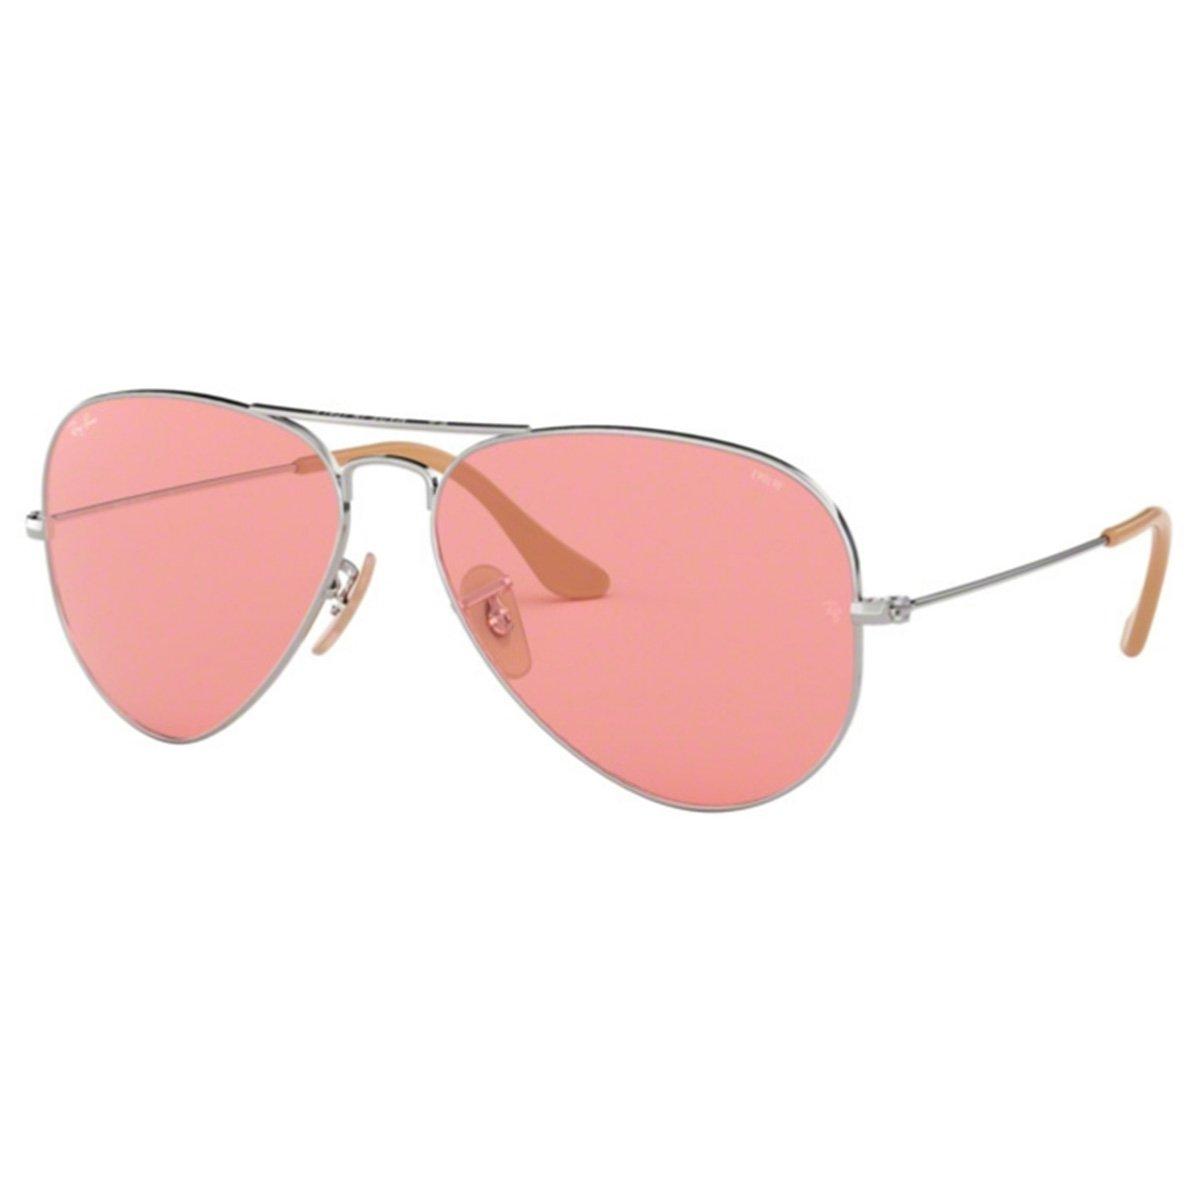 5c7a4d185b Comprar Óculos de Sol Ray Ban Aviador | Tri Jóia Shop